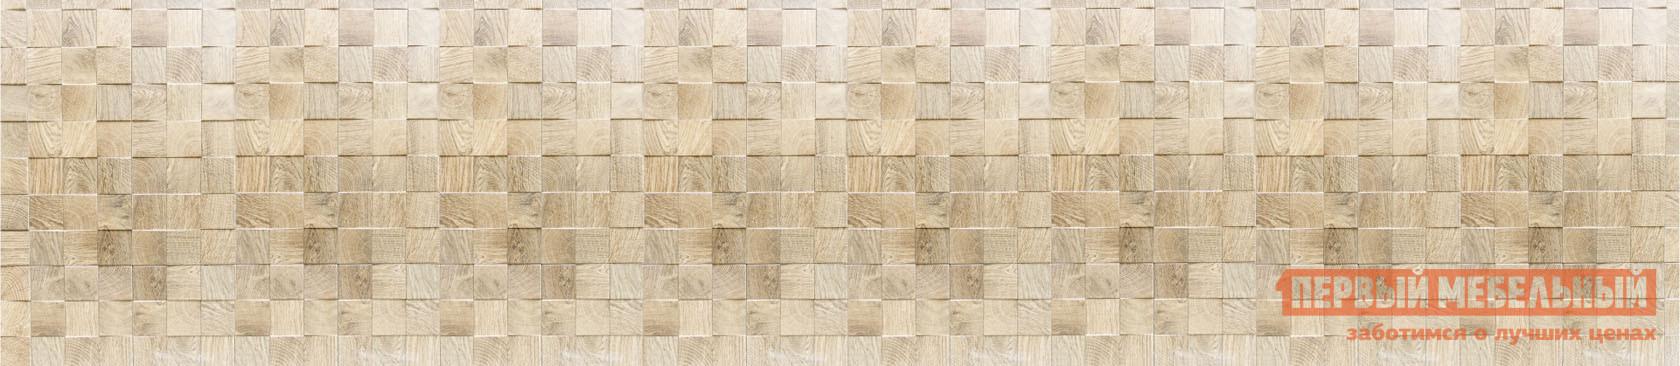 Стеновая панель Первый Мебельный Стеновая панель SP-051 длина 280 см, глянец allrun 613 22 22 22 22